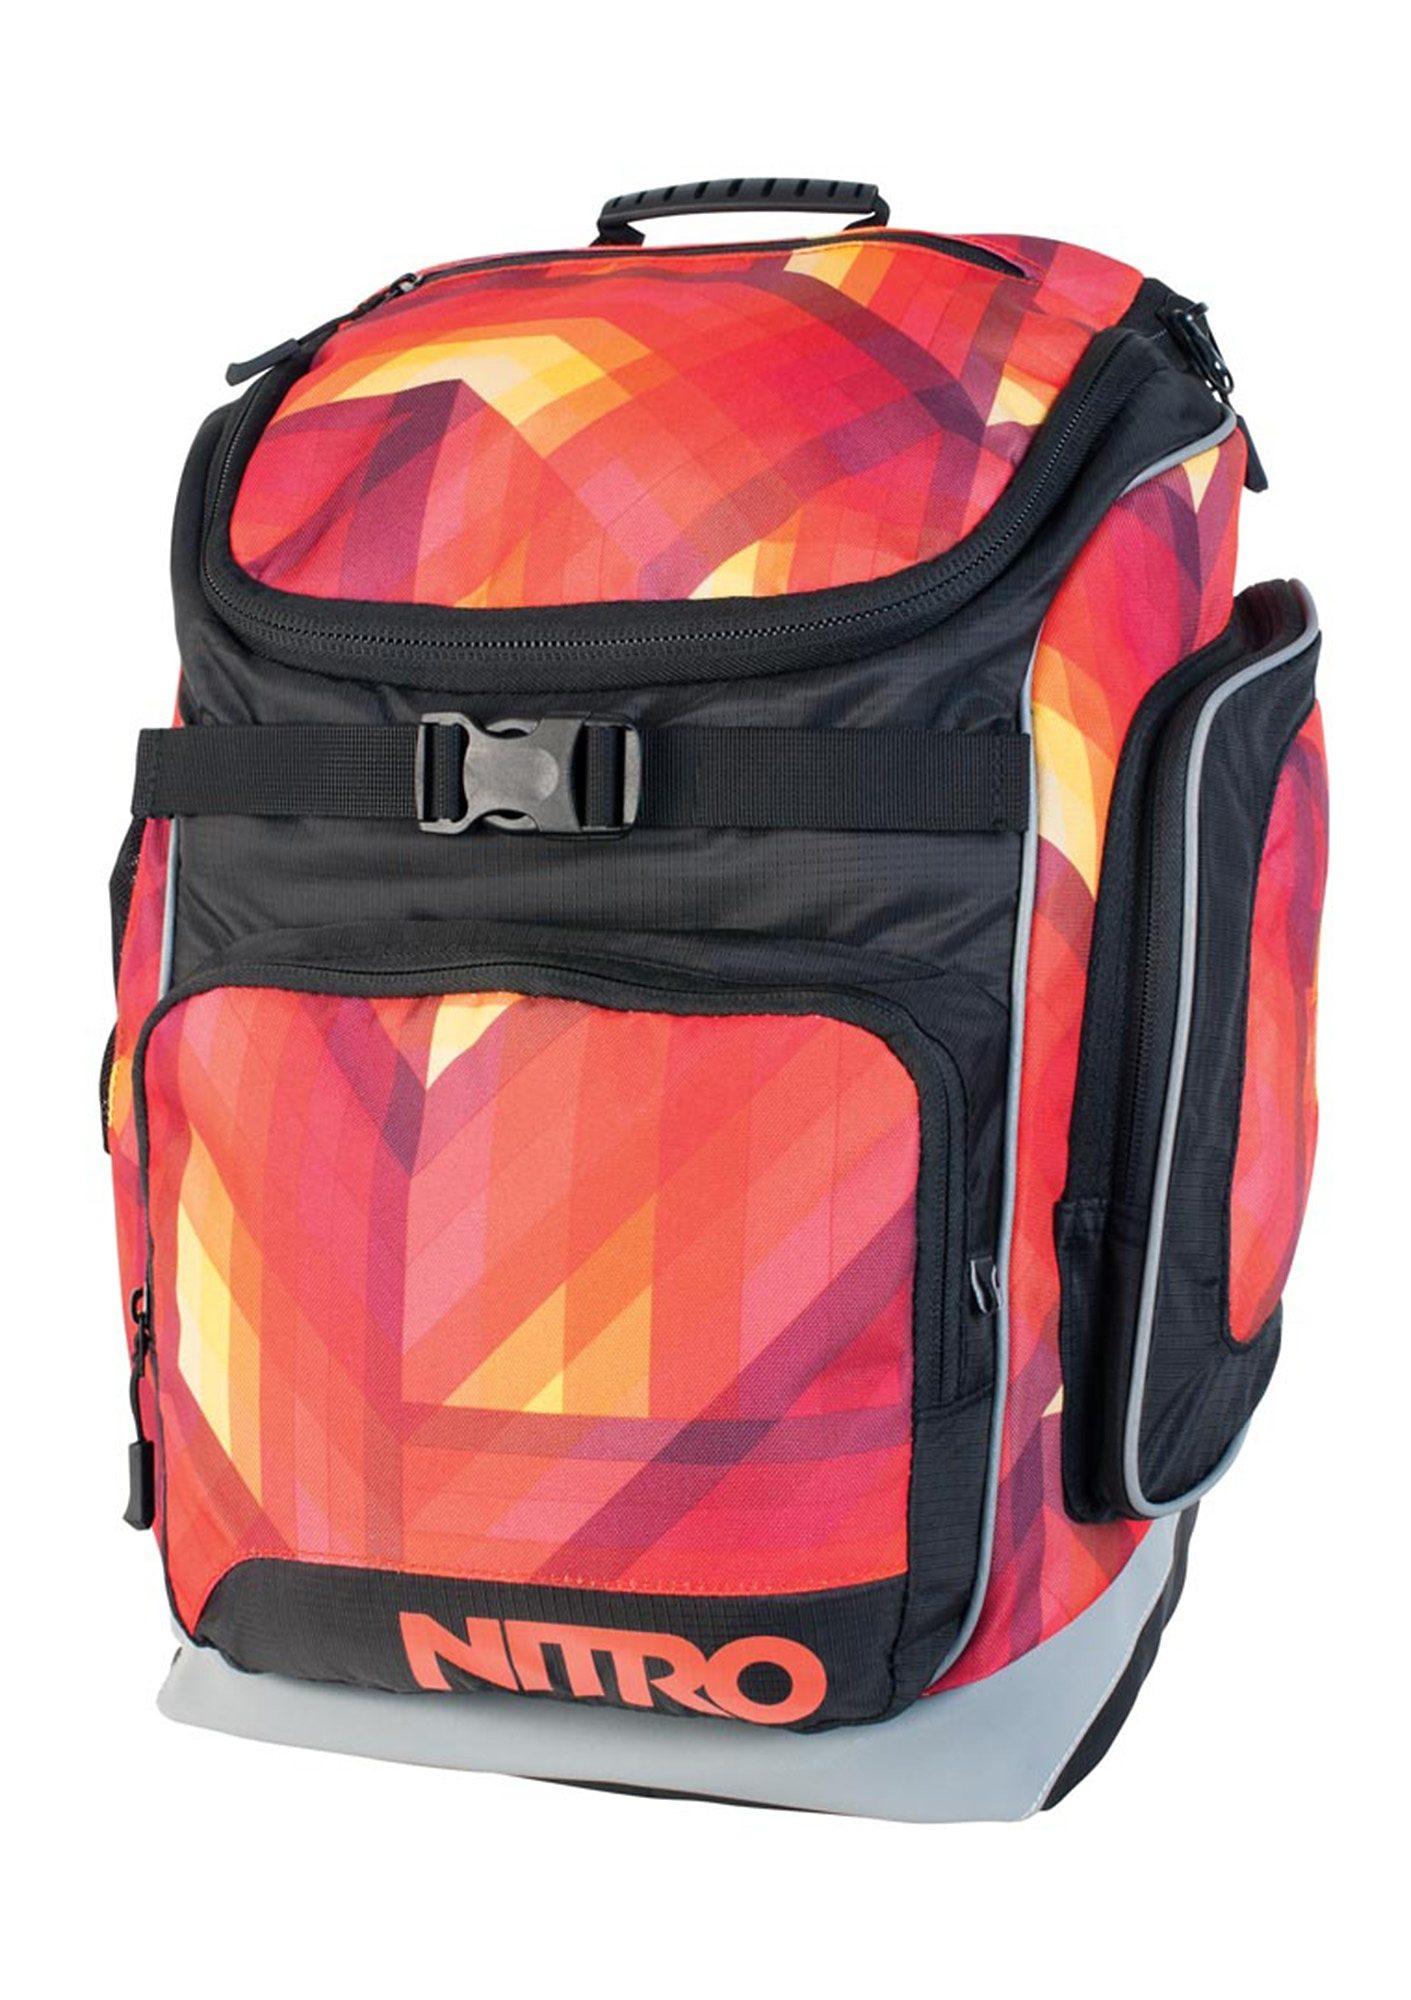 Nitro Schulrucksack, »Bandit - Geo Fire«